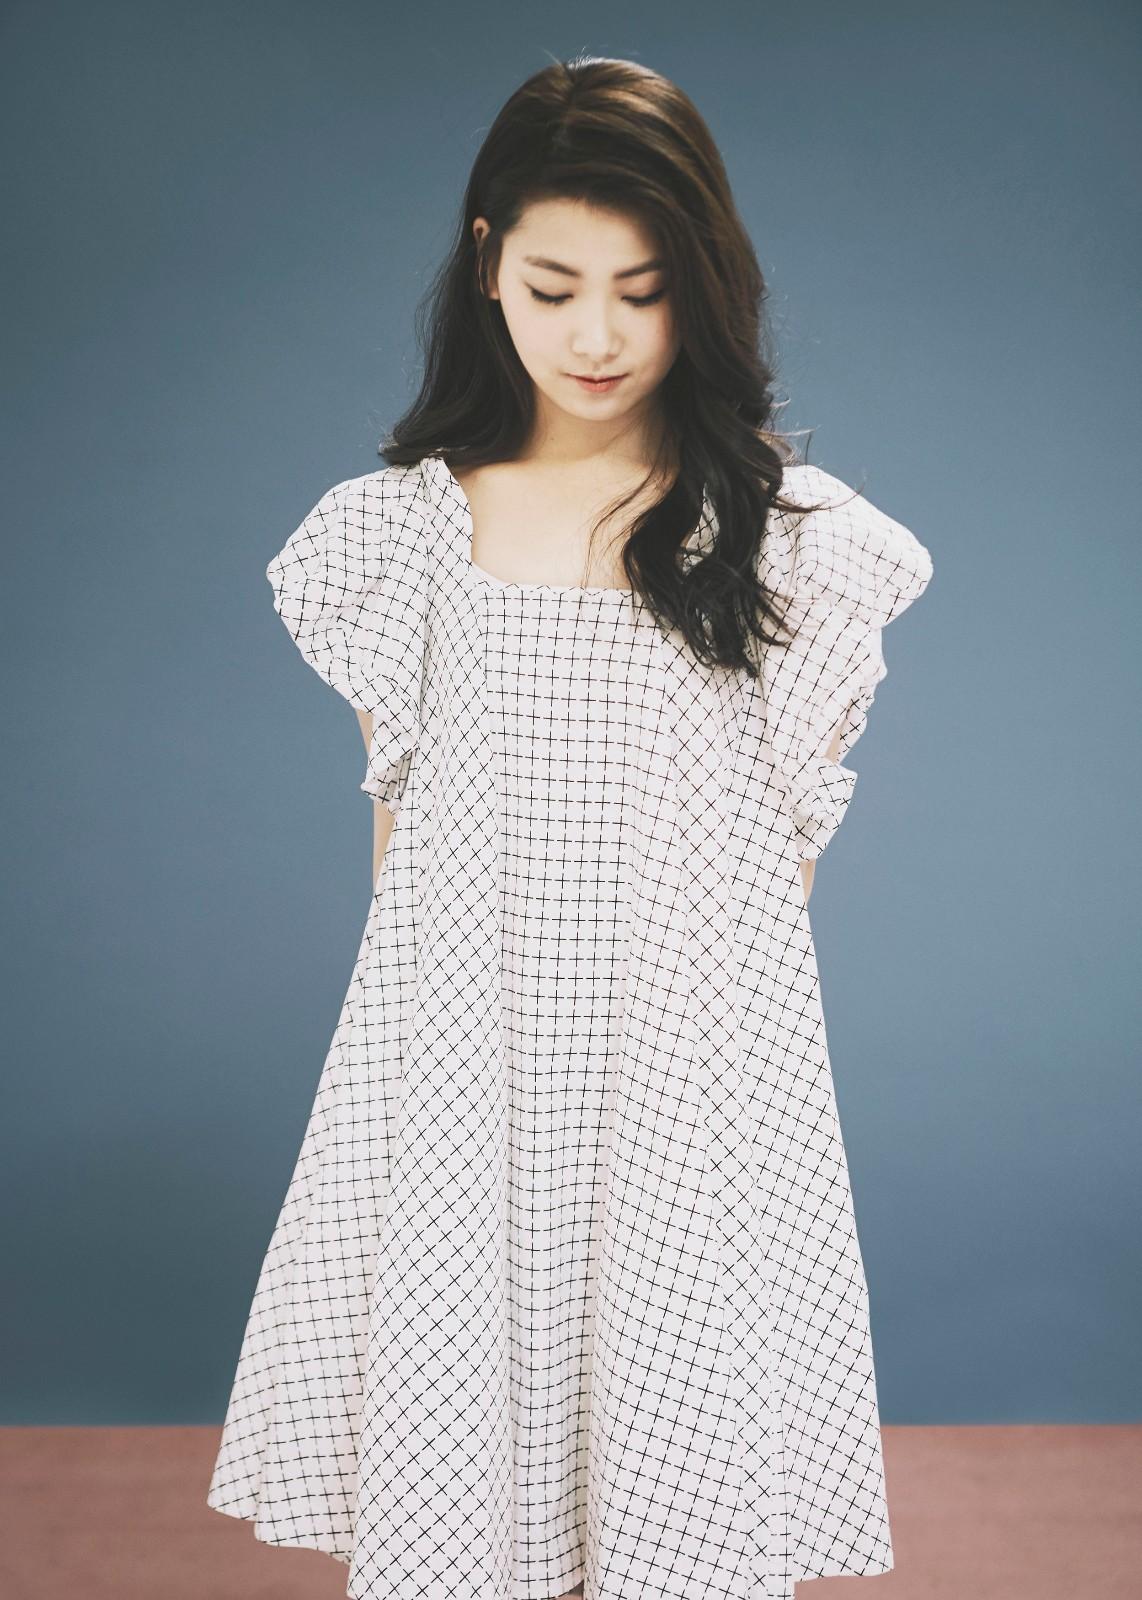 来自韩国的磁性嗓音女歌手